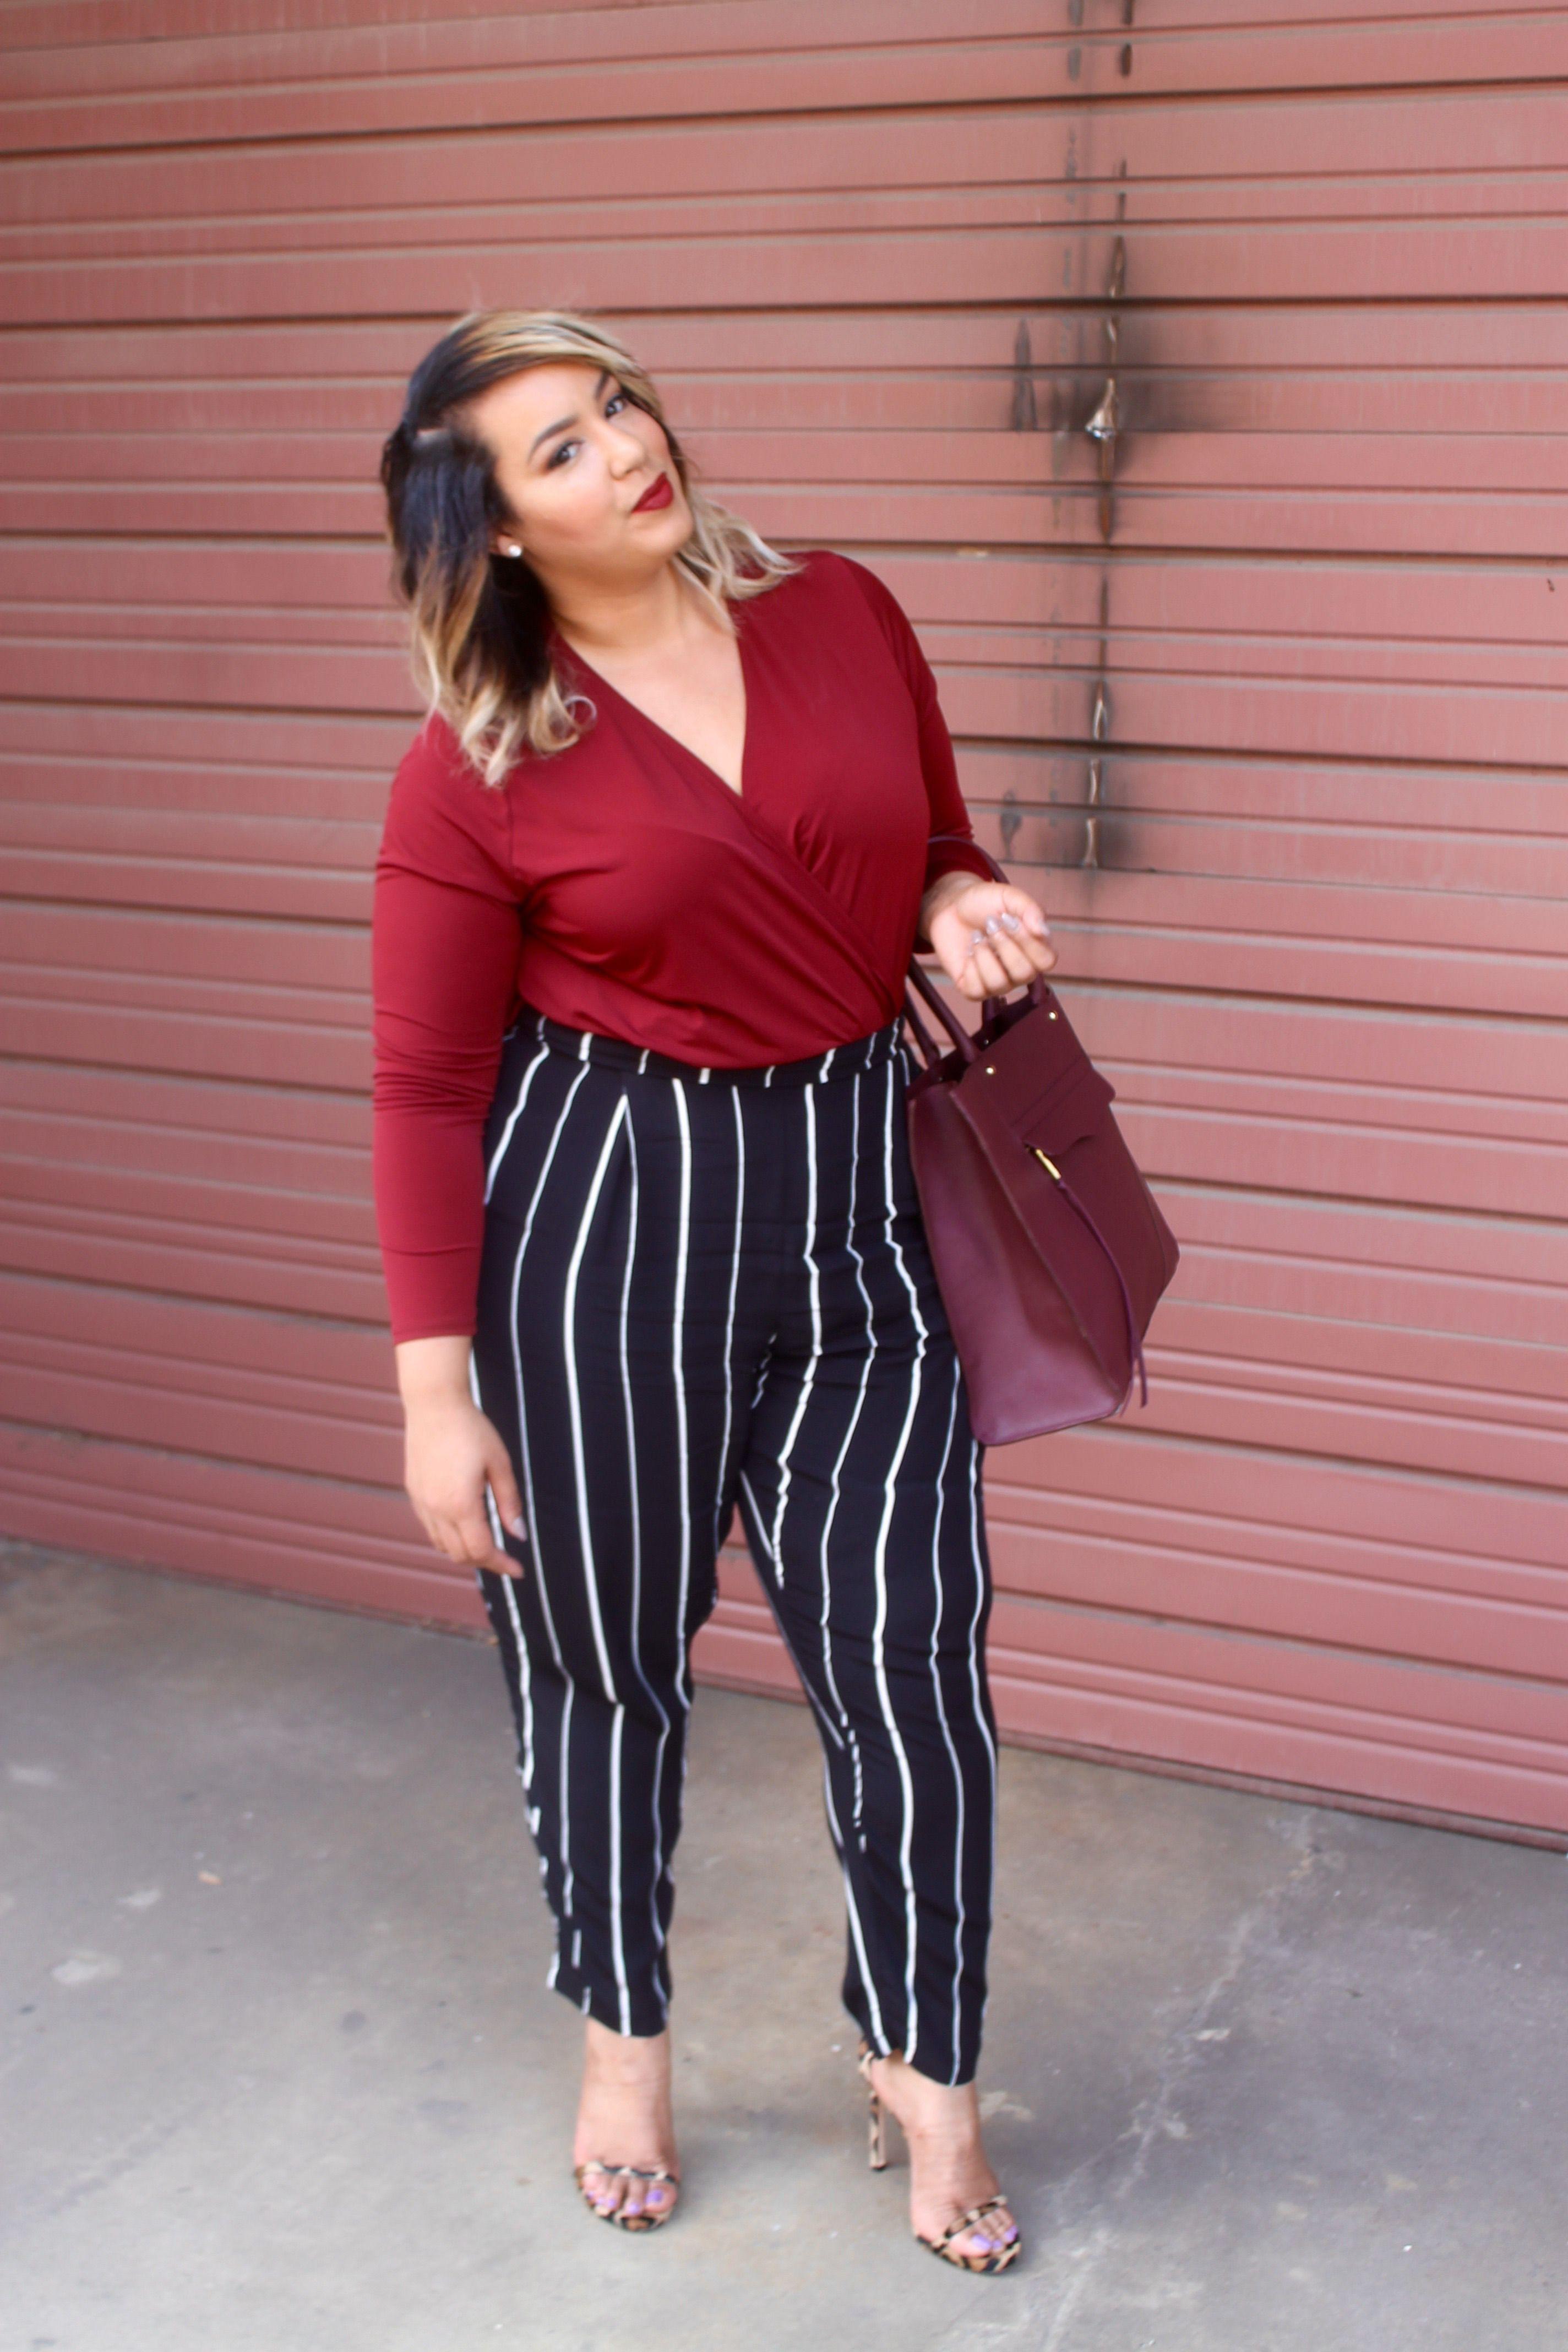 Plus Size Fashion - Plus Size Outfit Idea